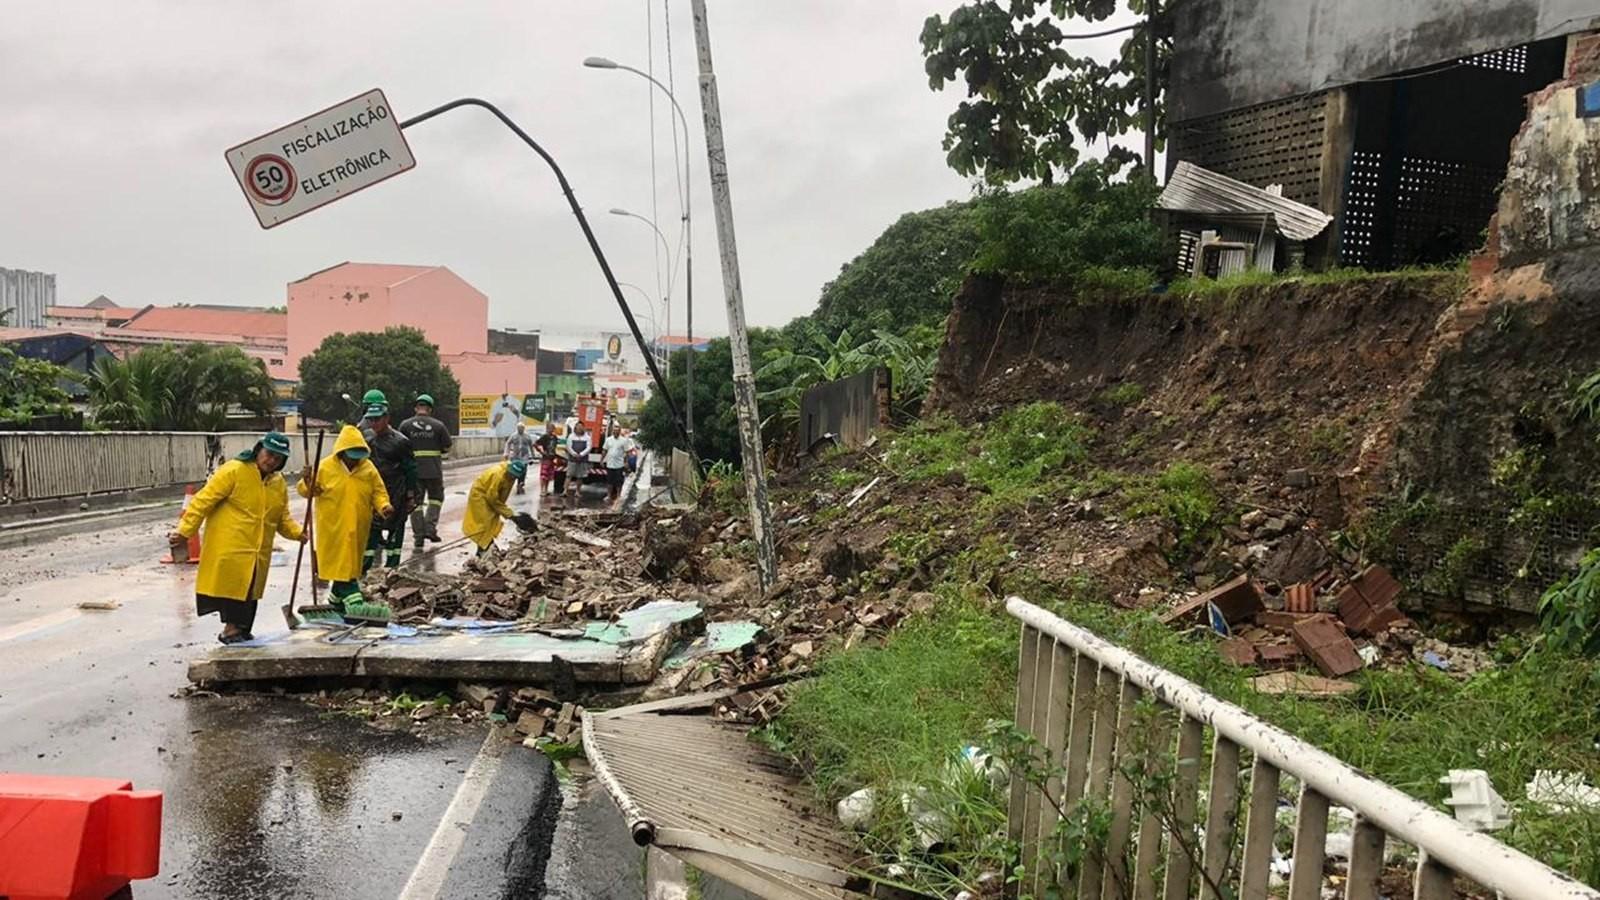 Paraíba tem 124 cidades sob alertas de chuvas do Inmet; 42 estão em área de 'grande perigo' - Notícias - Plantão Diário